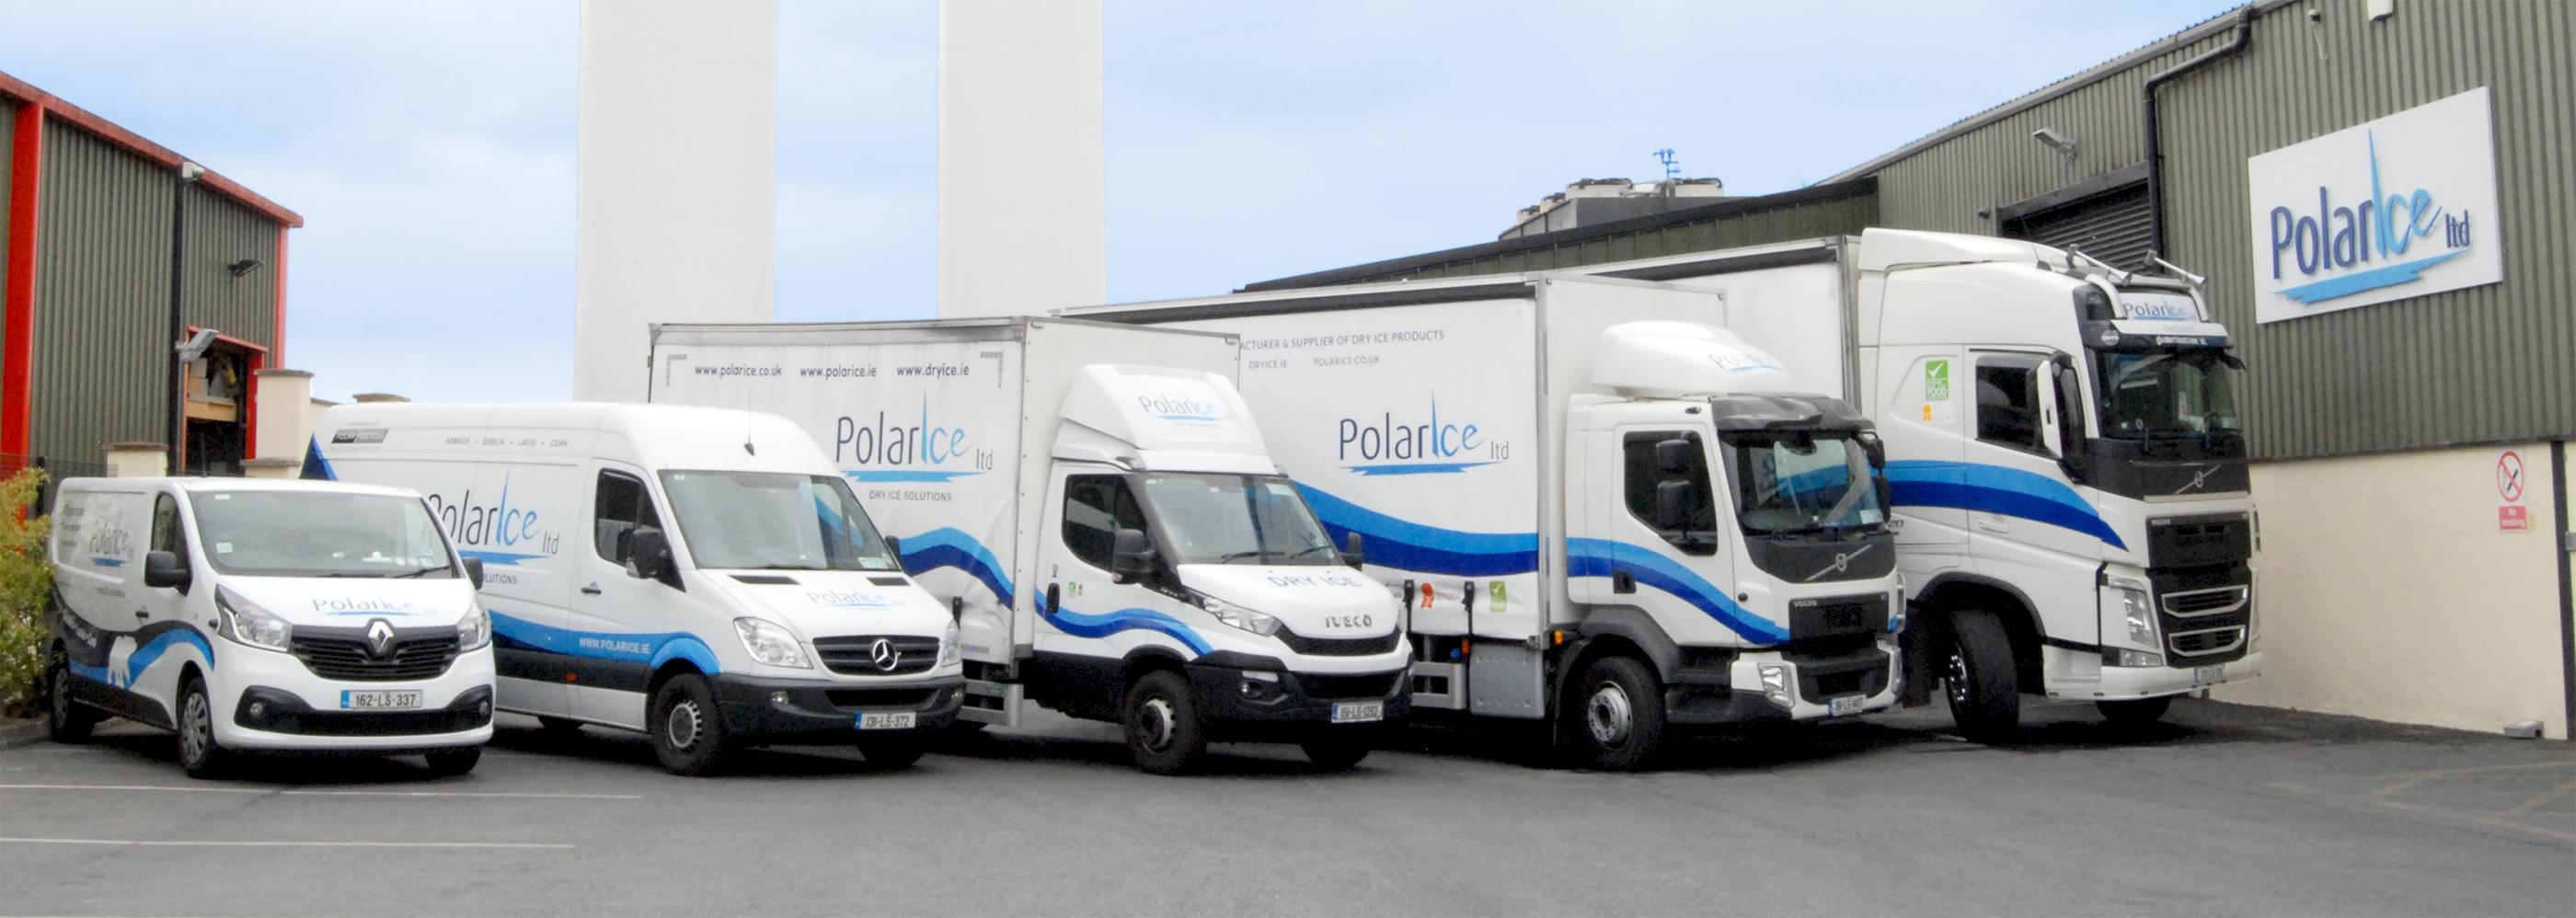 Polar Ice Fleet of Transport Vehicles